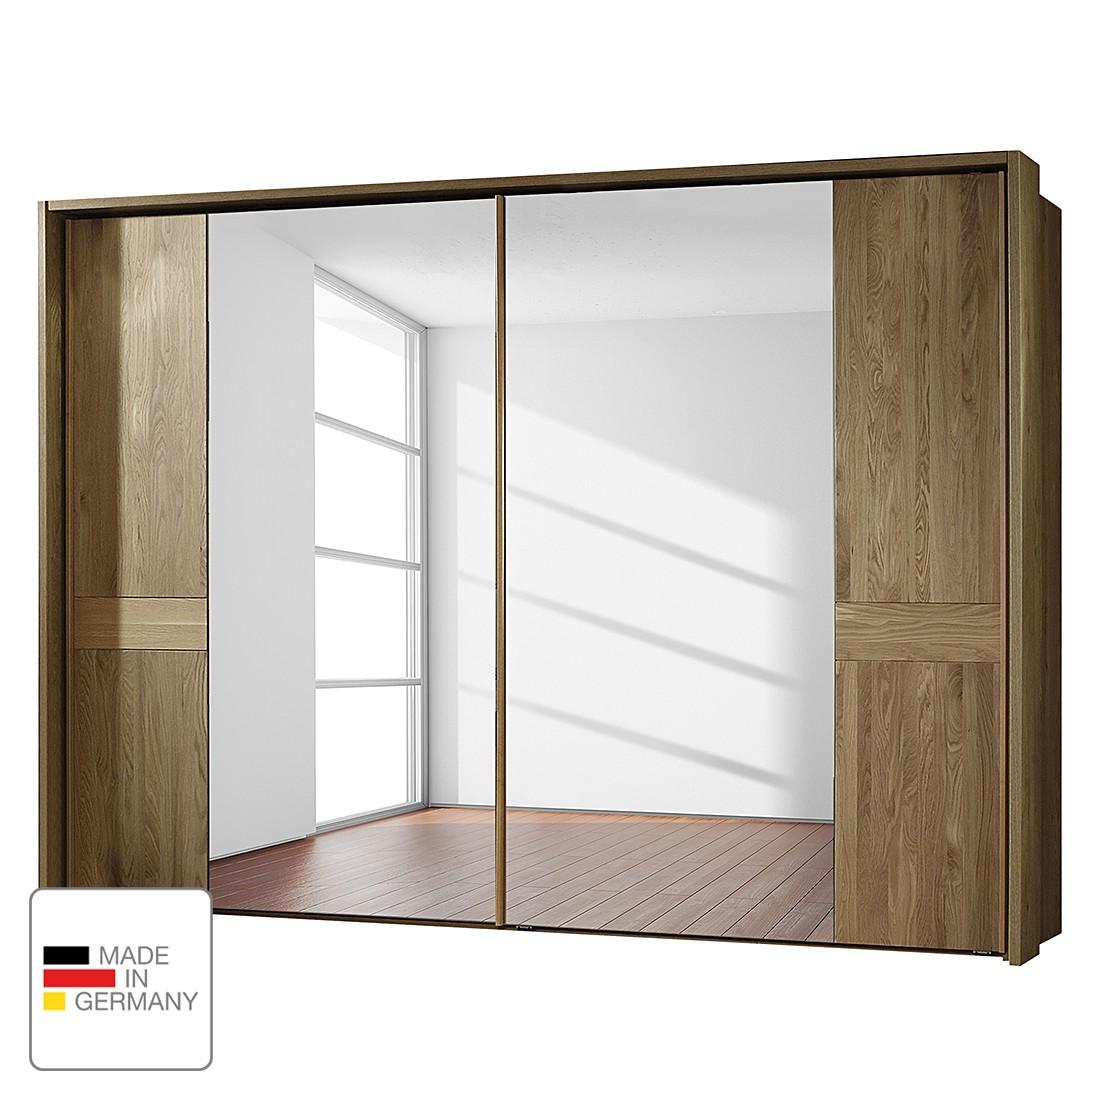 Armoire à portes coulissantes Münster - Chêne partiellement massif - 250 cm (2 portes) - Avec cadre